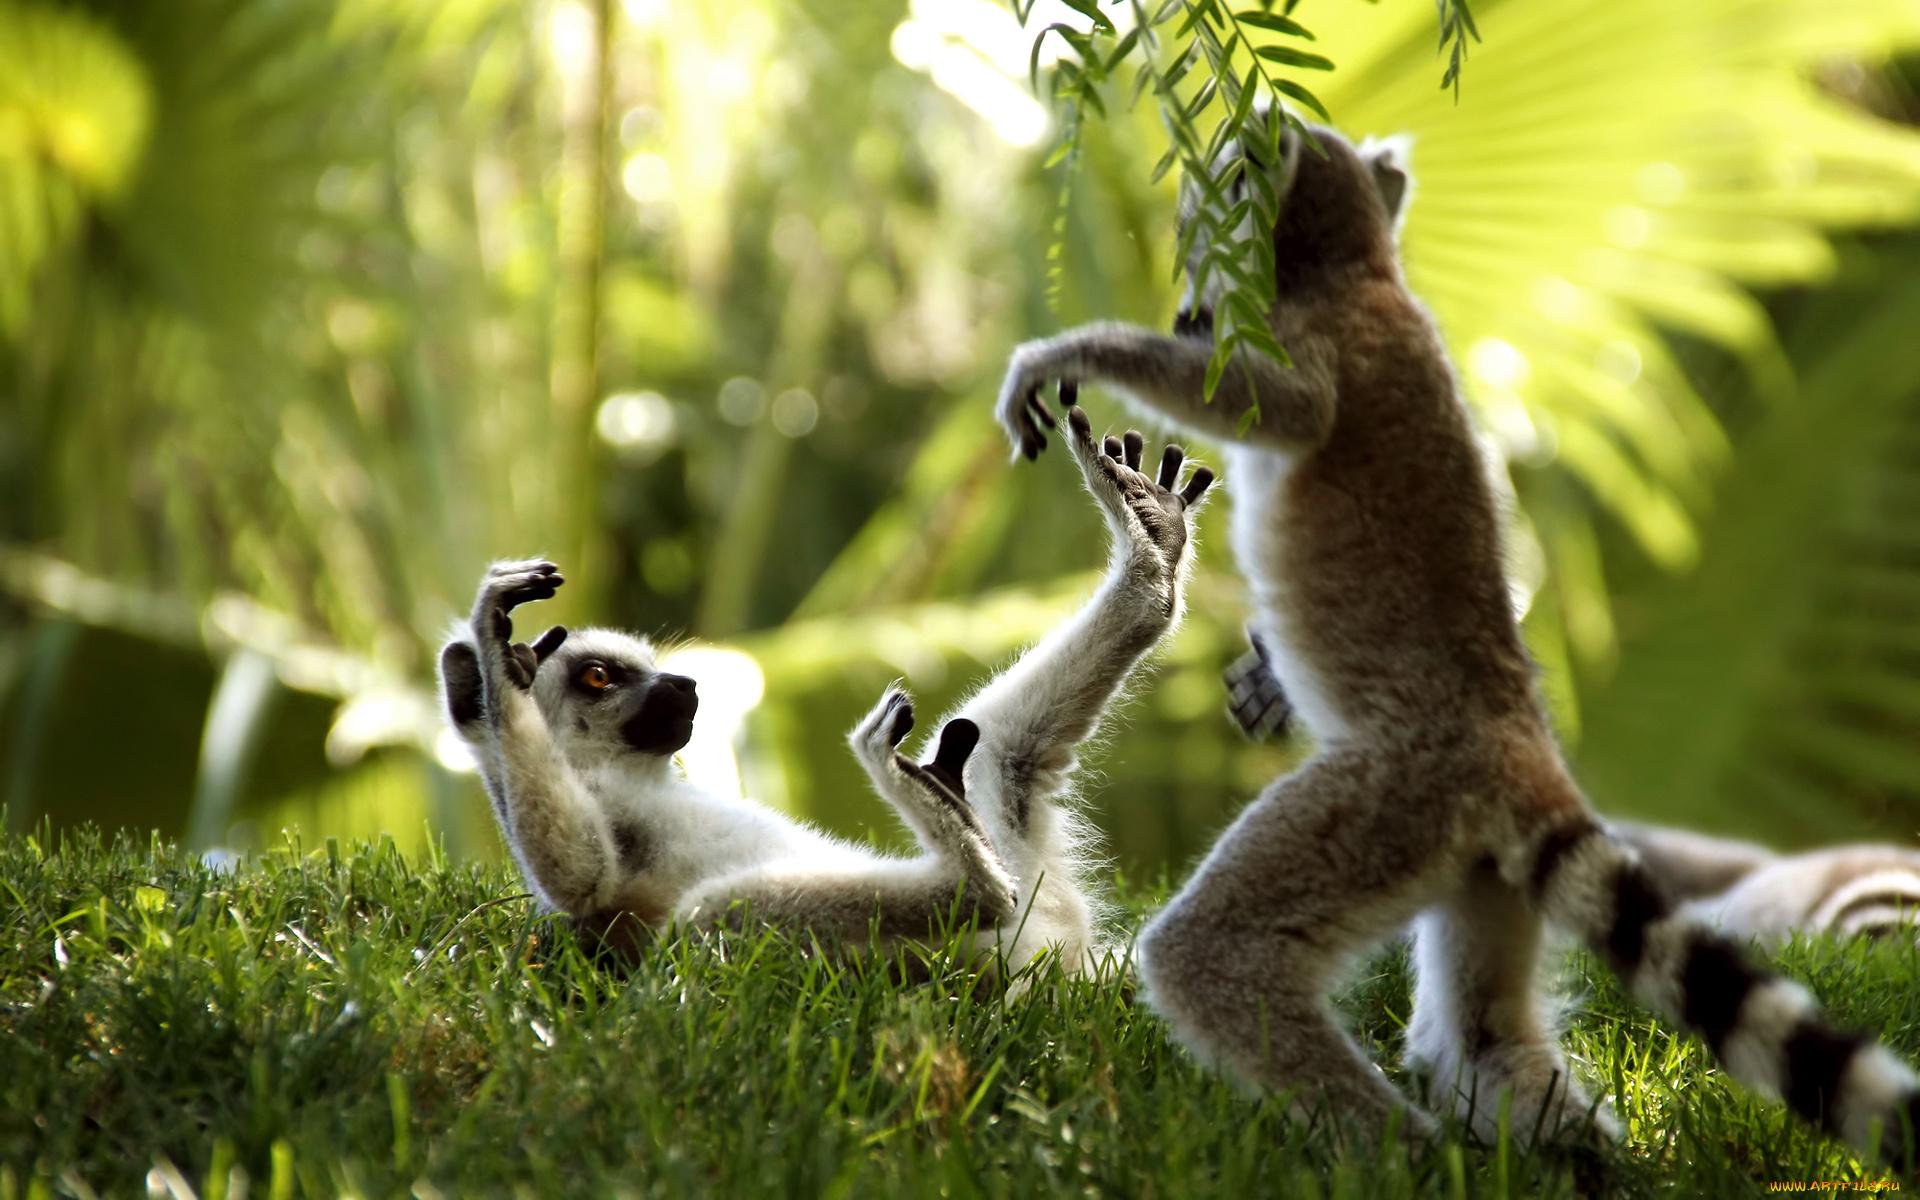 Картинки природы с животными красивые и смешные, приколы